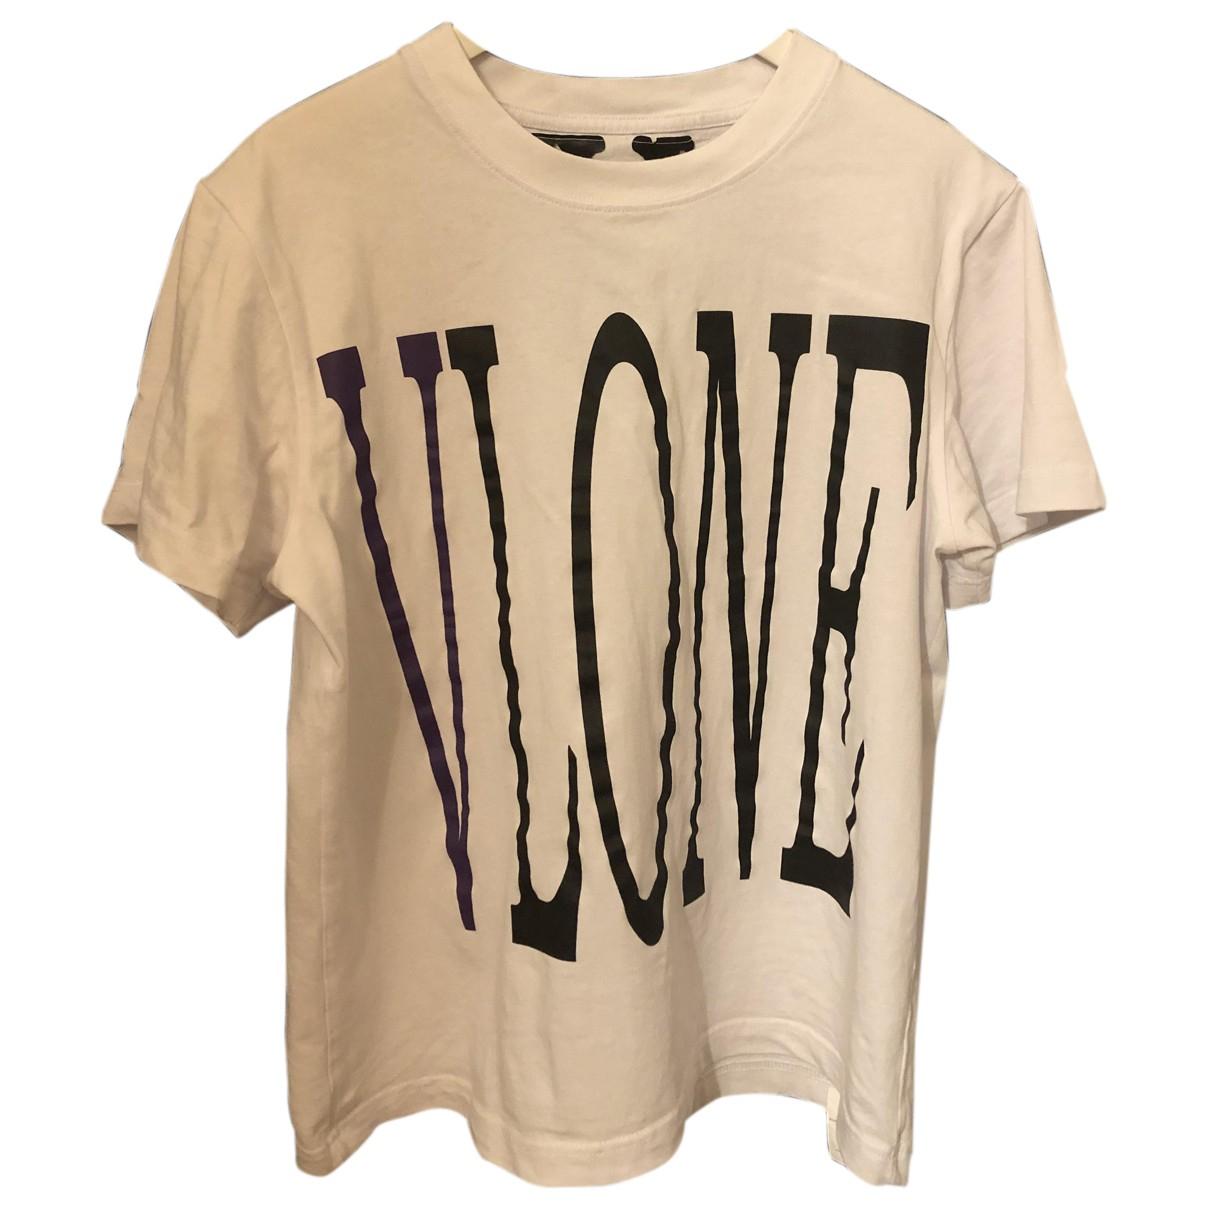 Vlone - Tee shirts   pour homme en coton - blanc